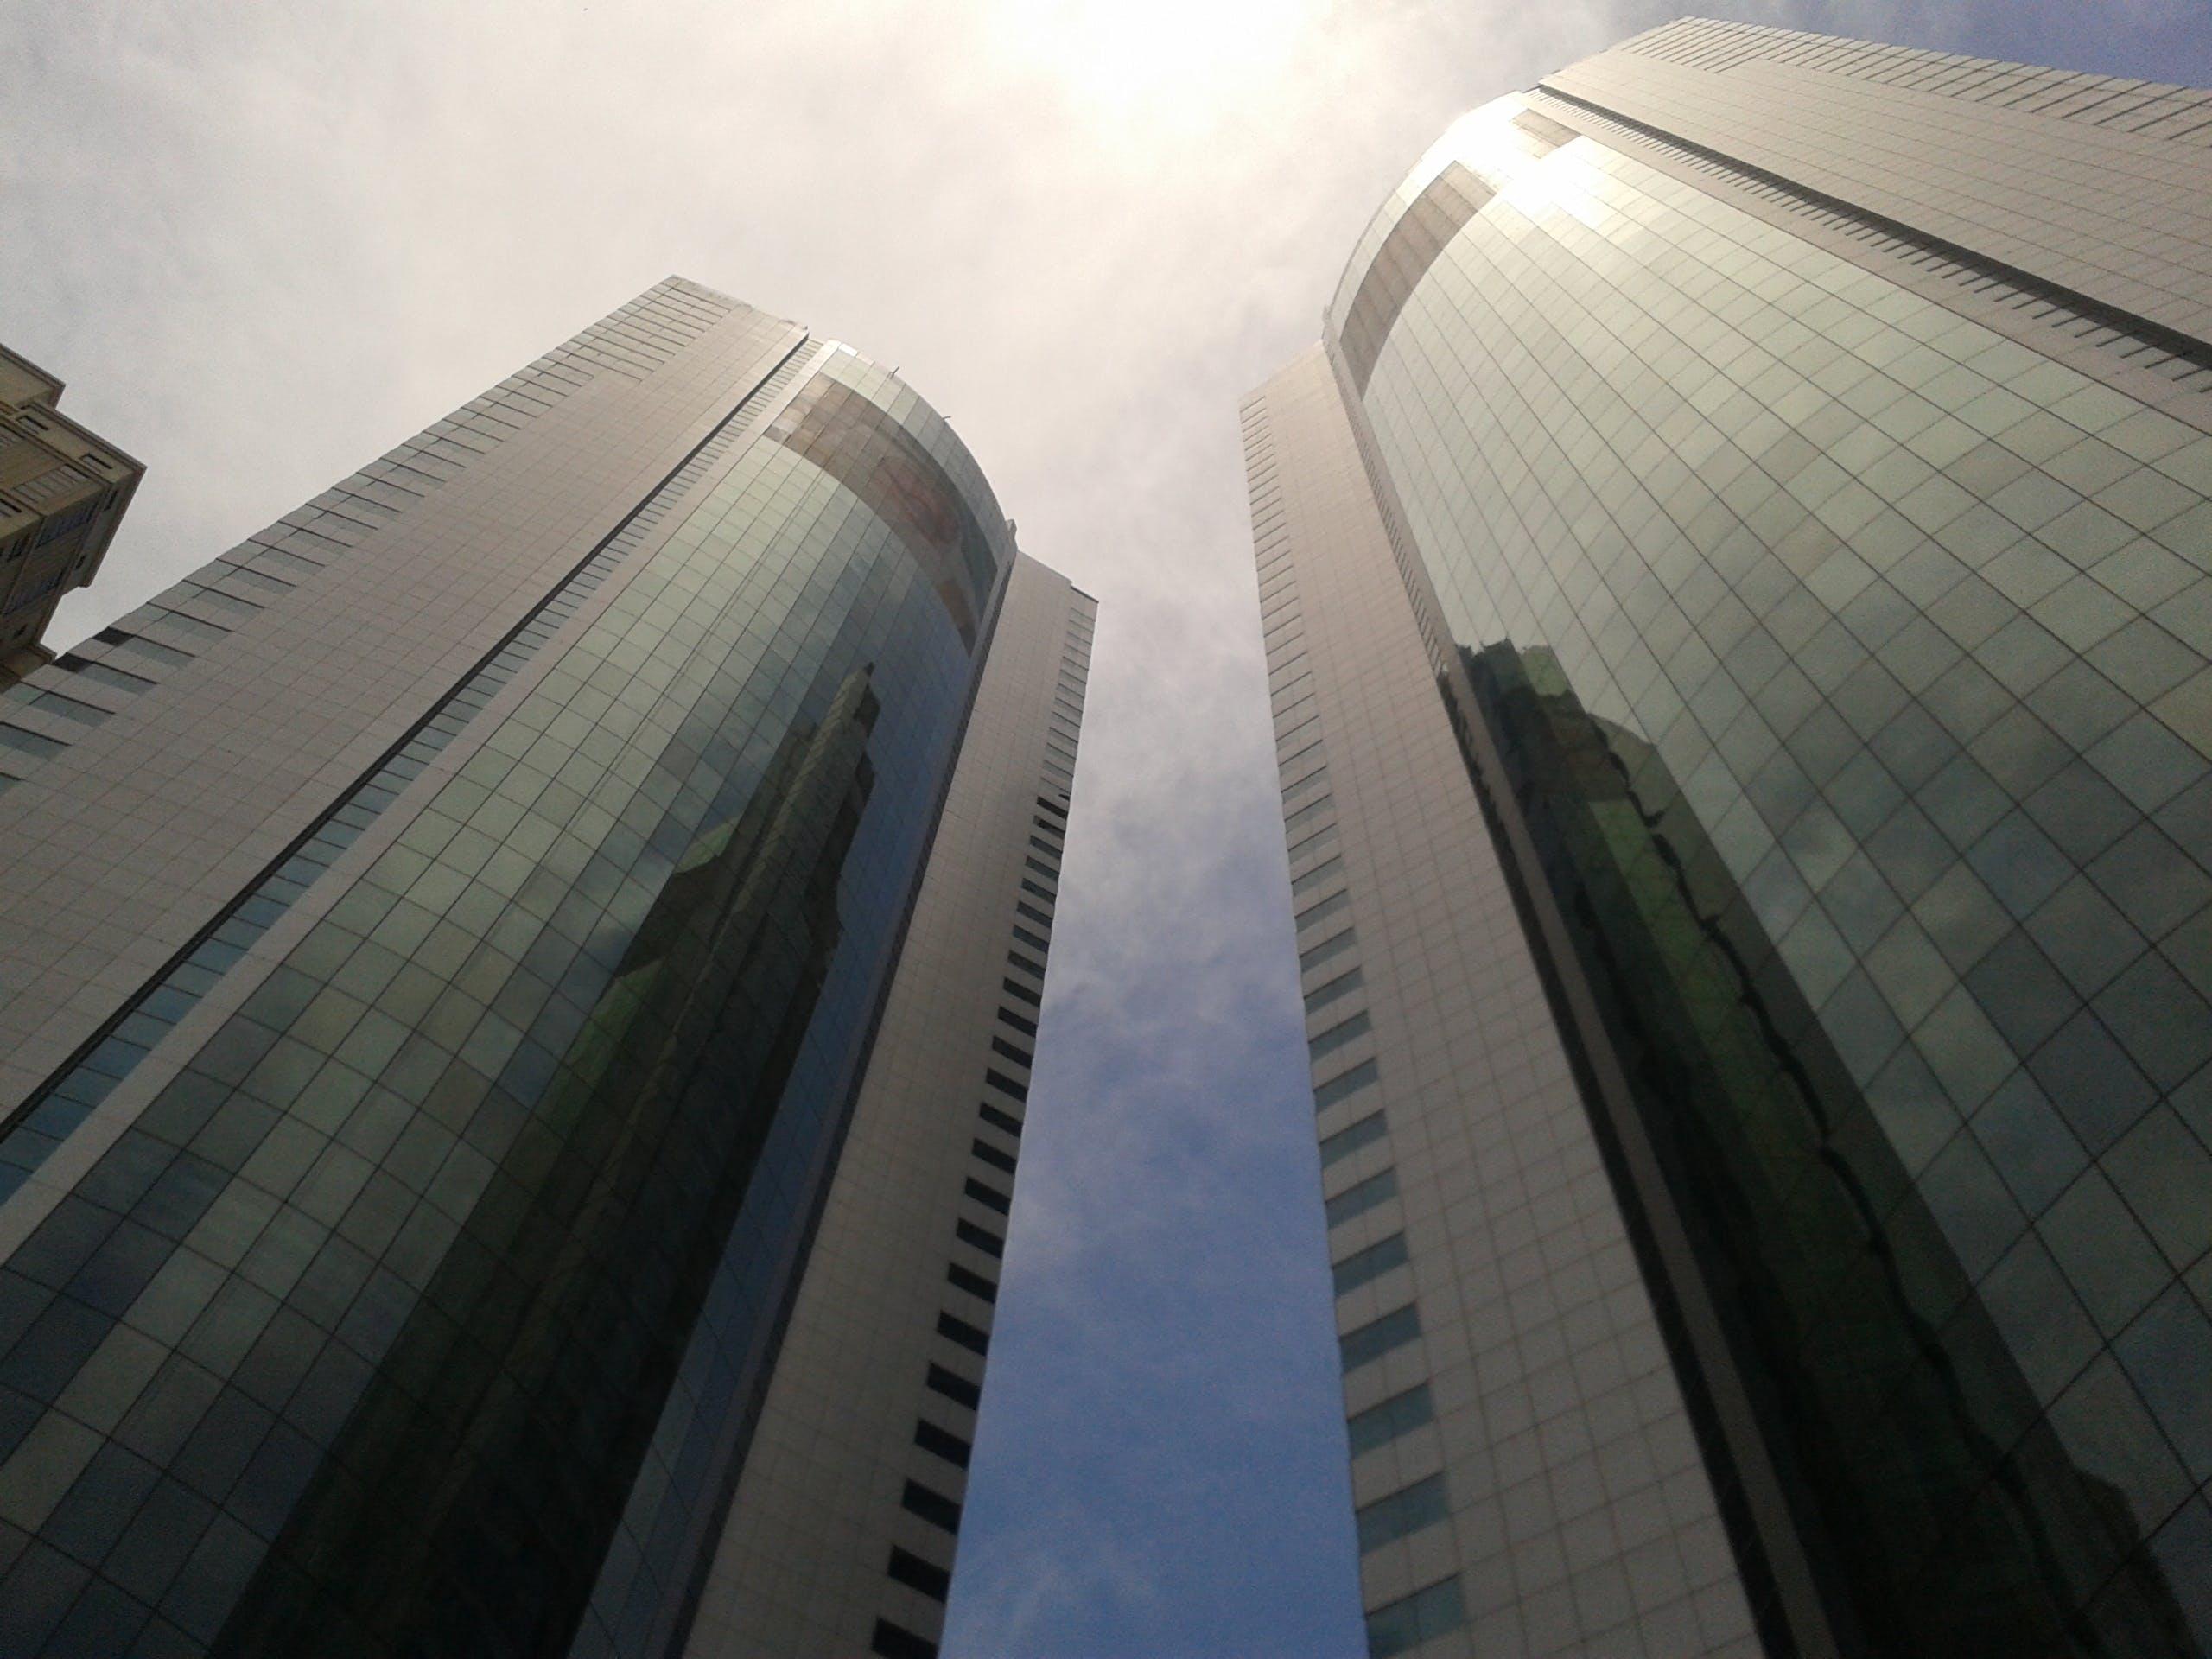 Kostenloses Stock Foto zu architektur, aufnahme von unten, büro, firma